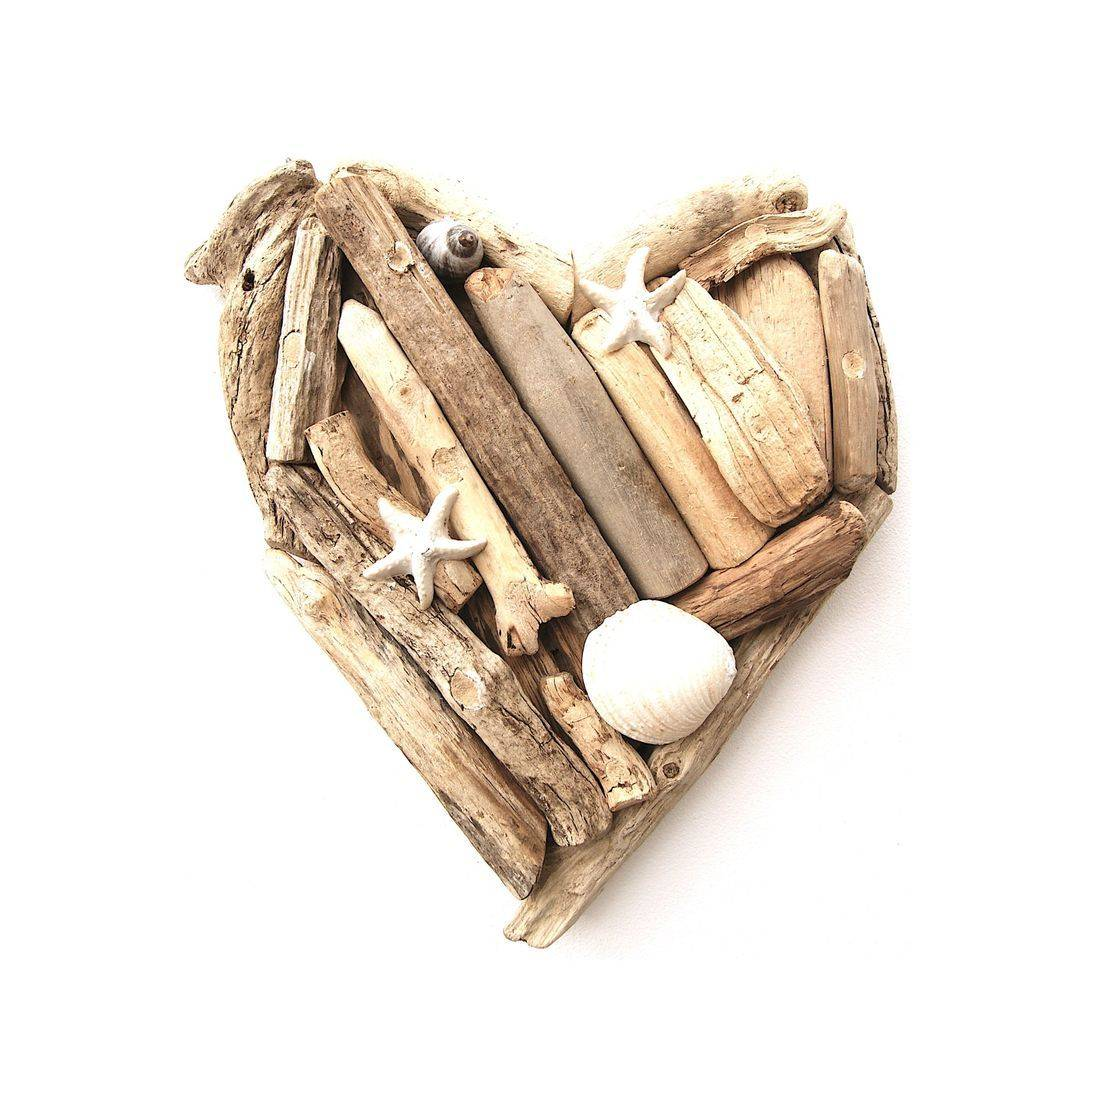 Driftwood Heart 10